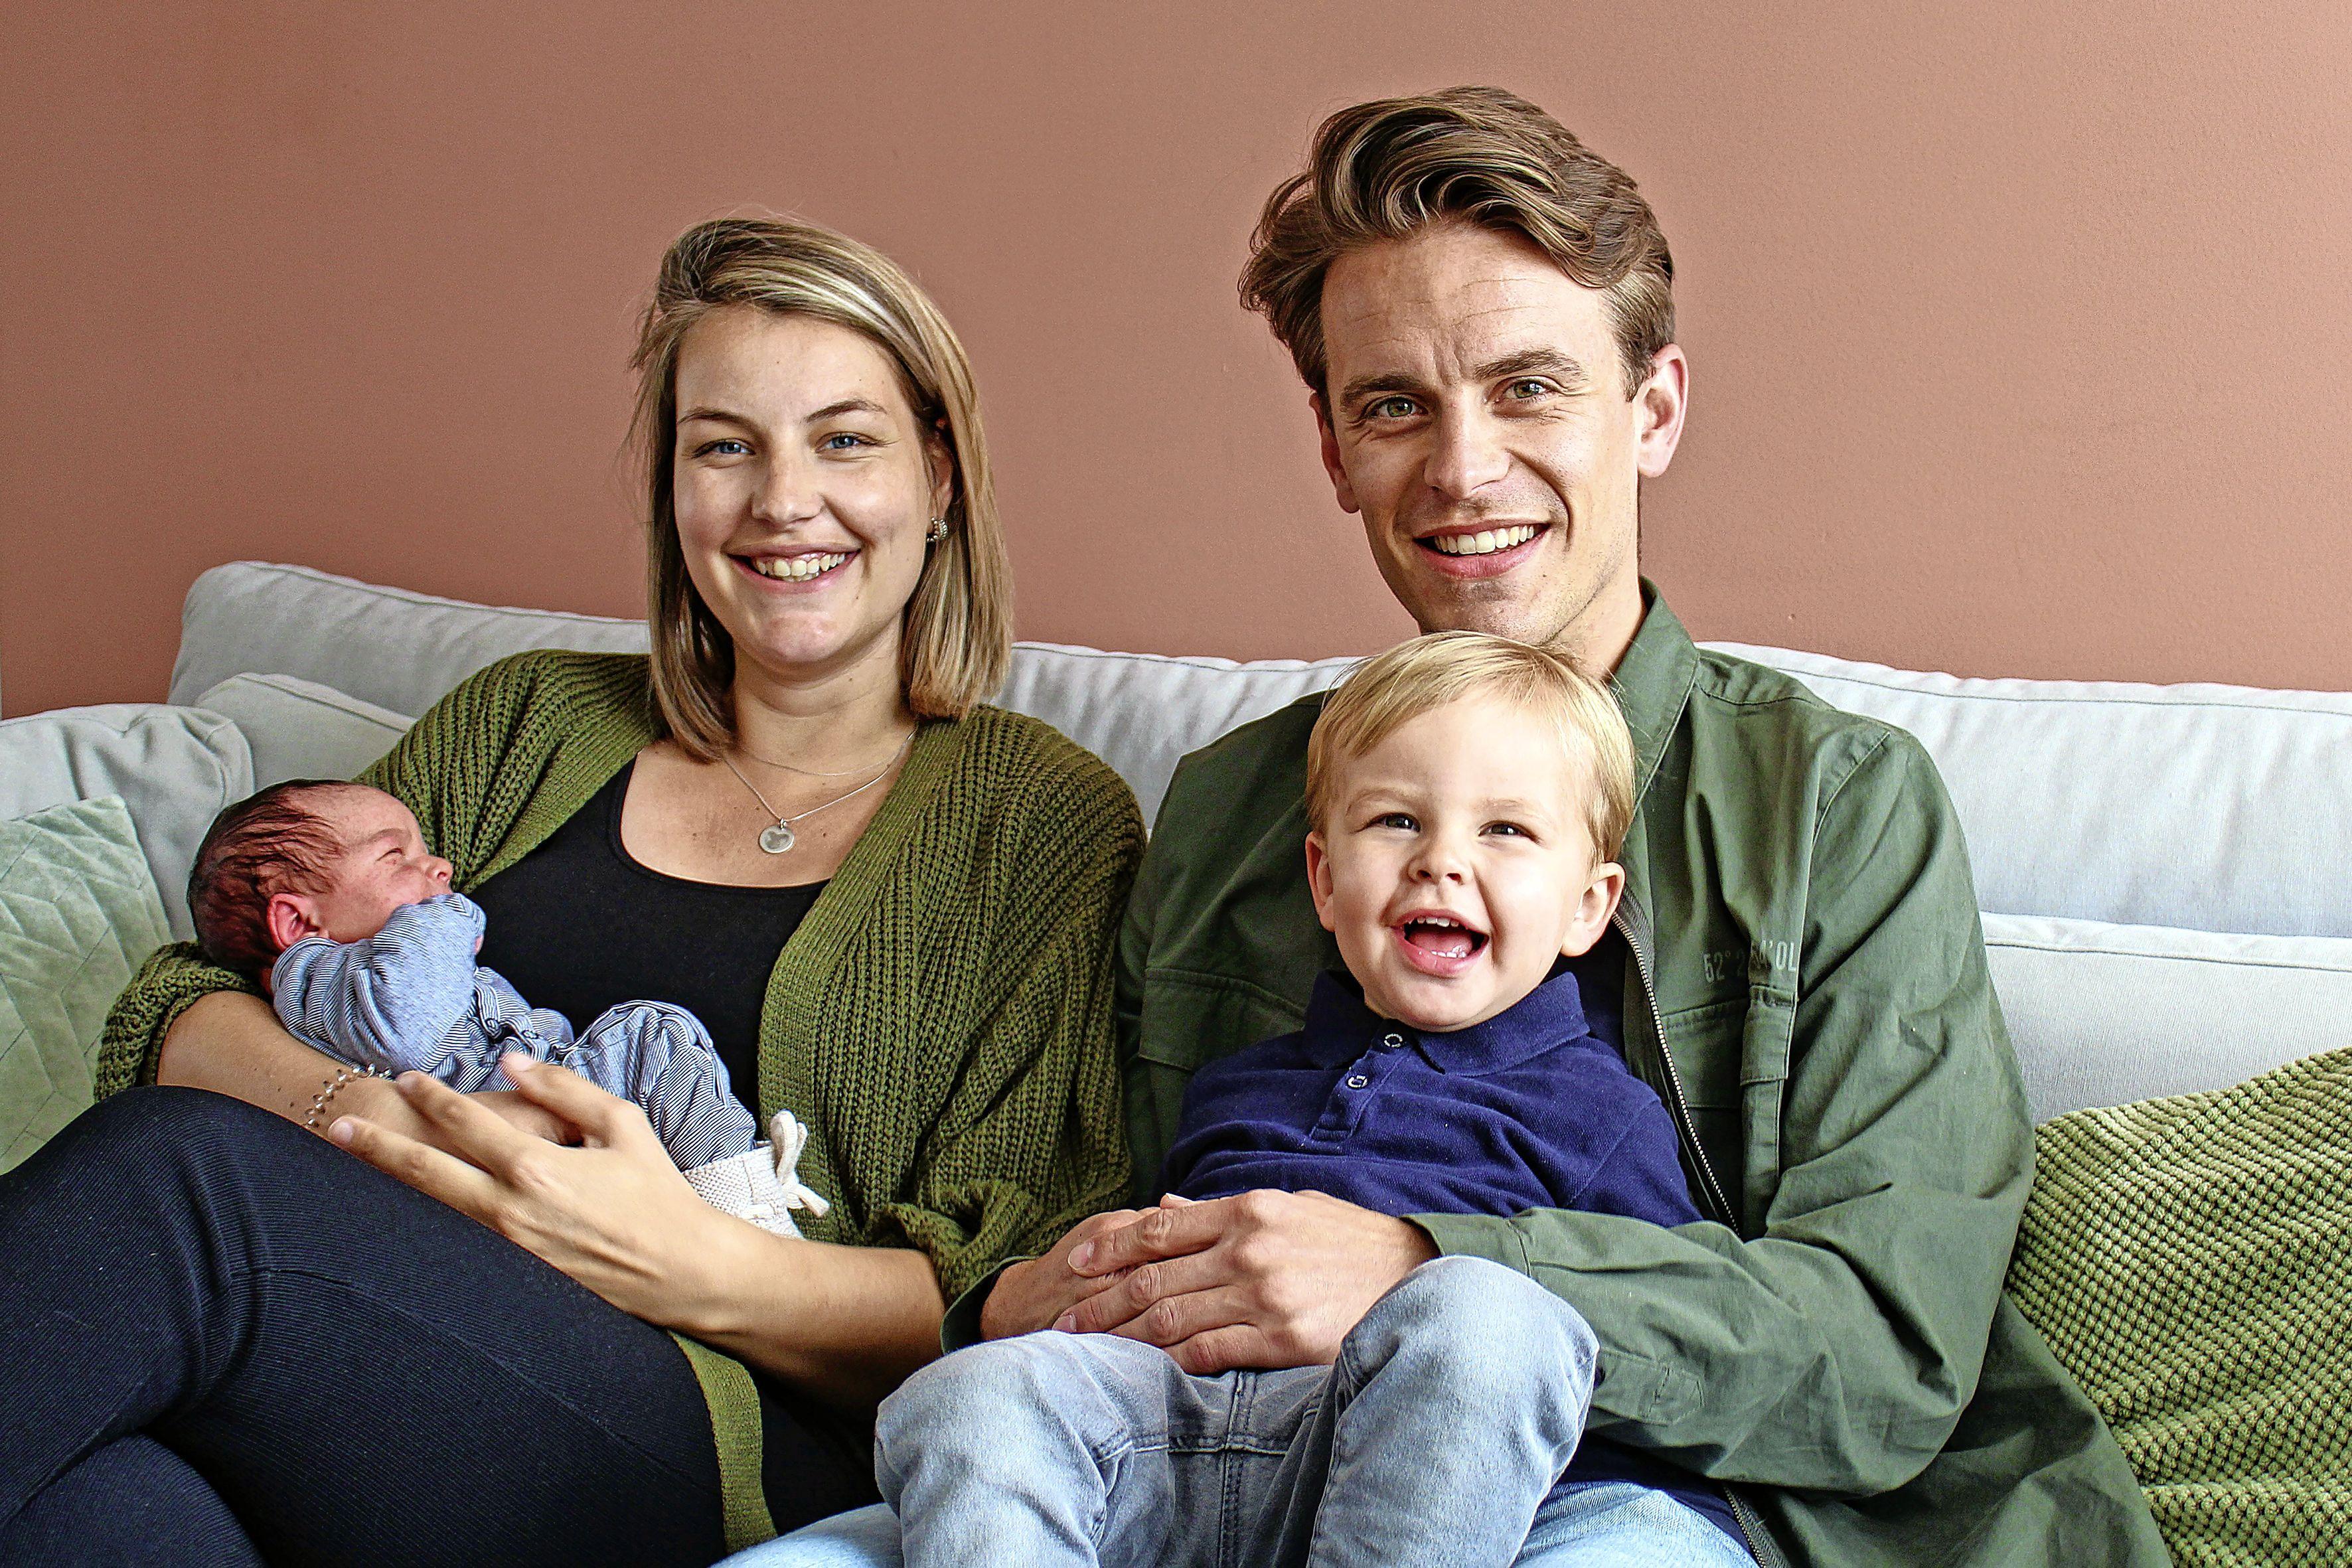 'Liever zo dan een dag ervoor of een dag erna', na geboorte tweede zoon nu drie verjaardagen op 12 mei bij familie Jansen-Vos